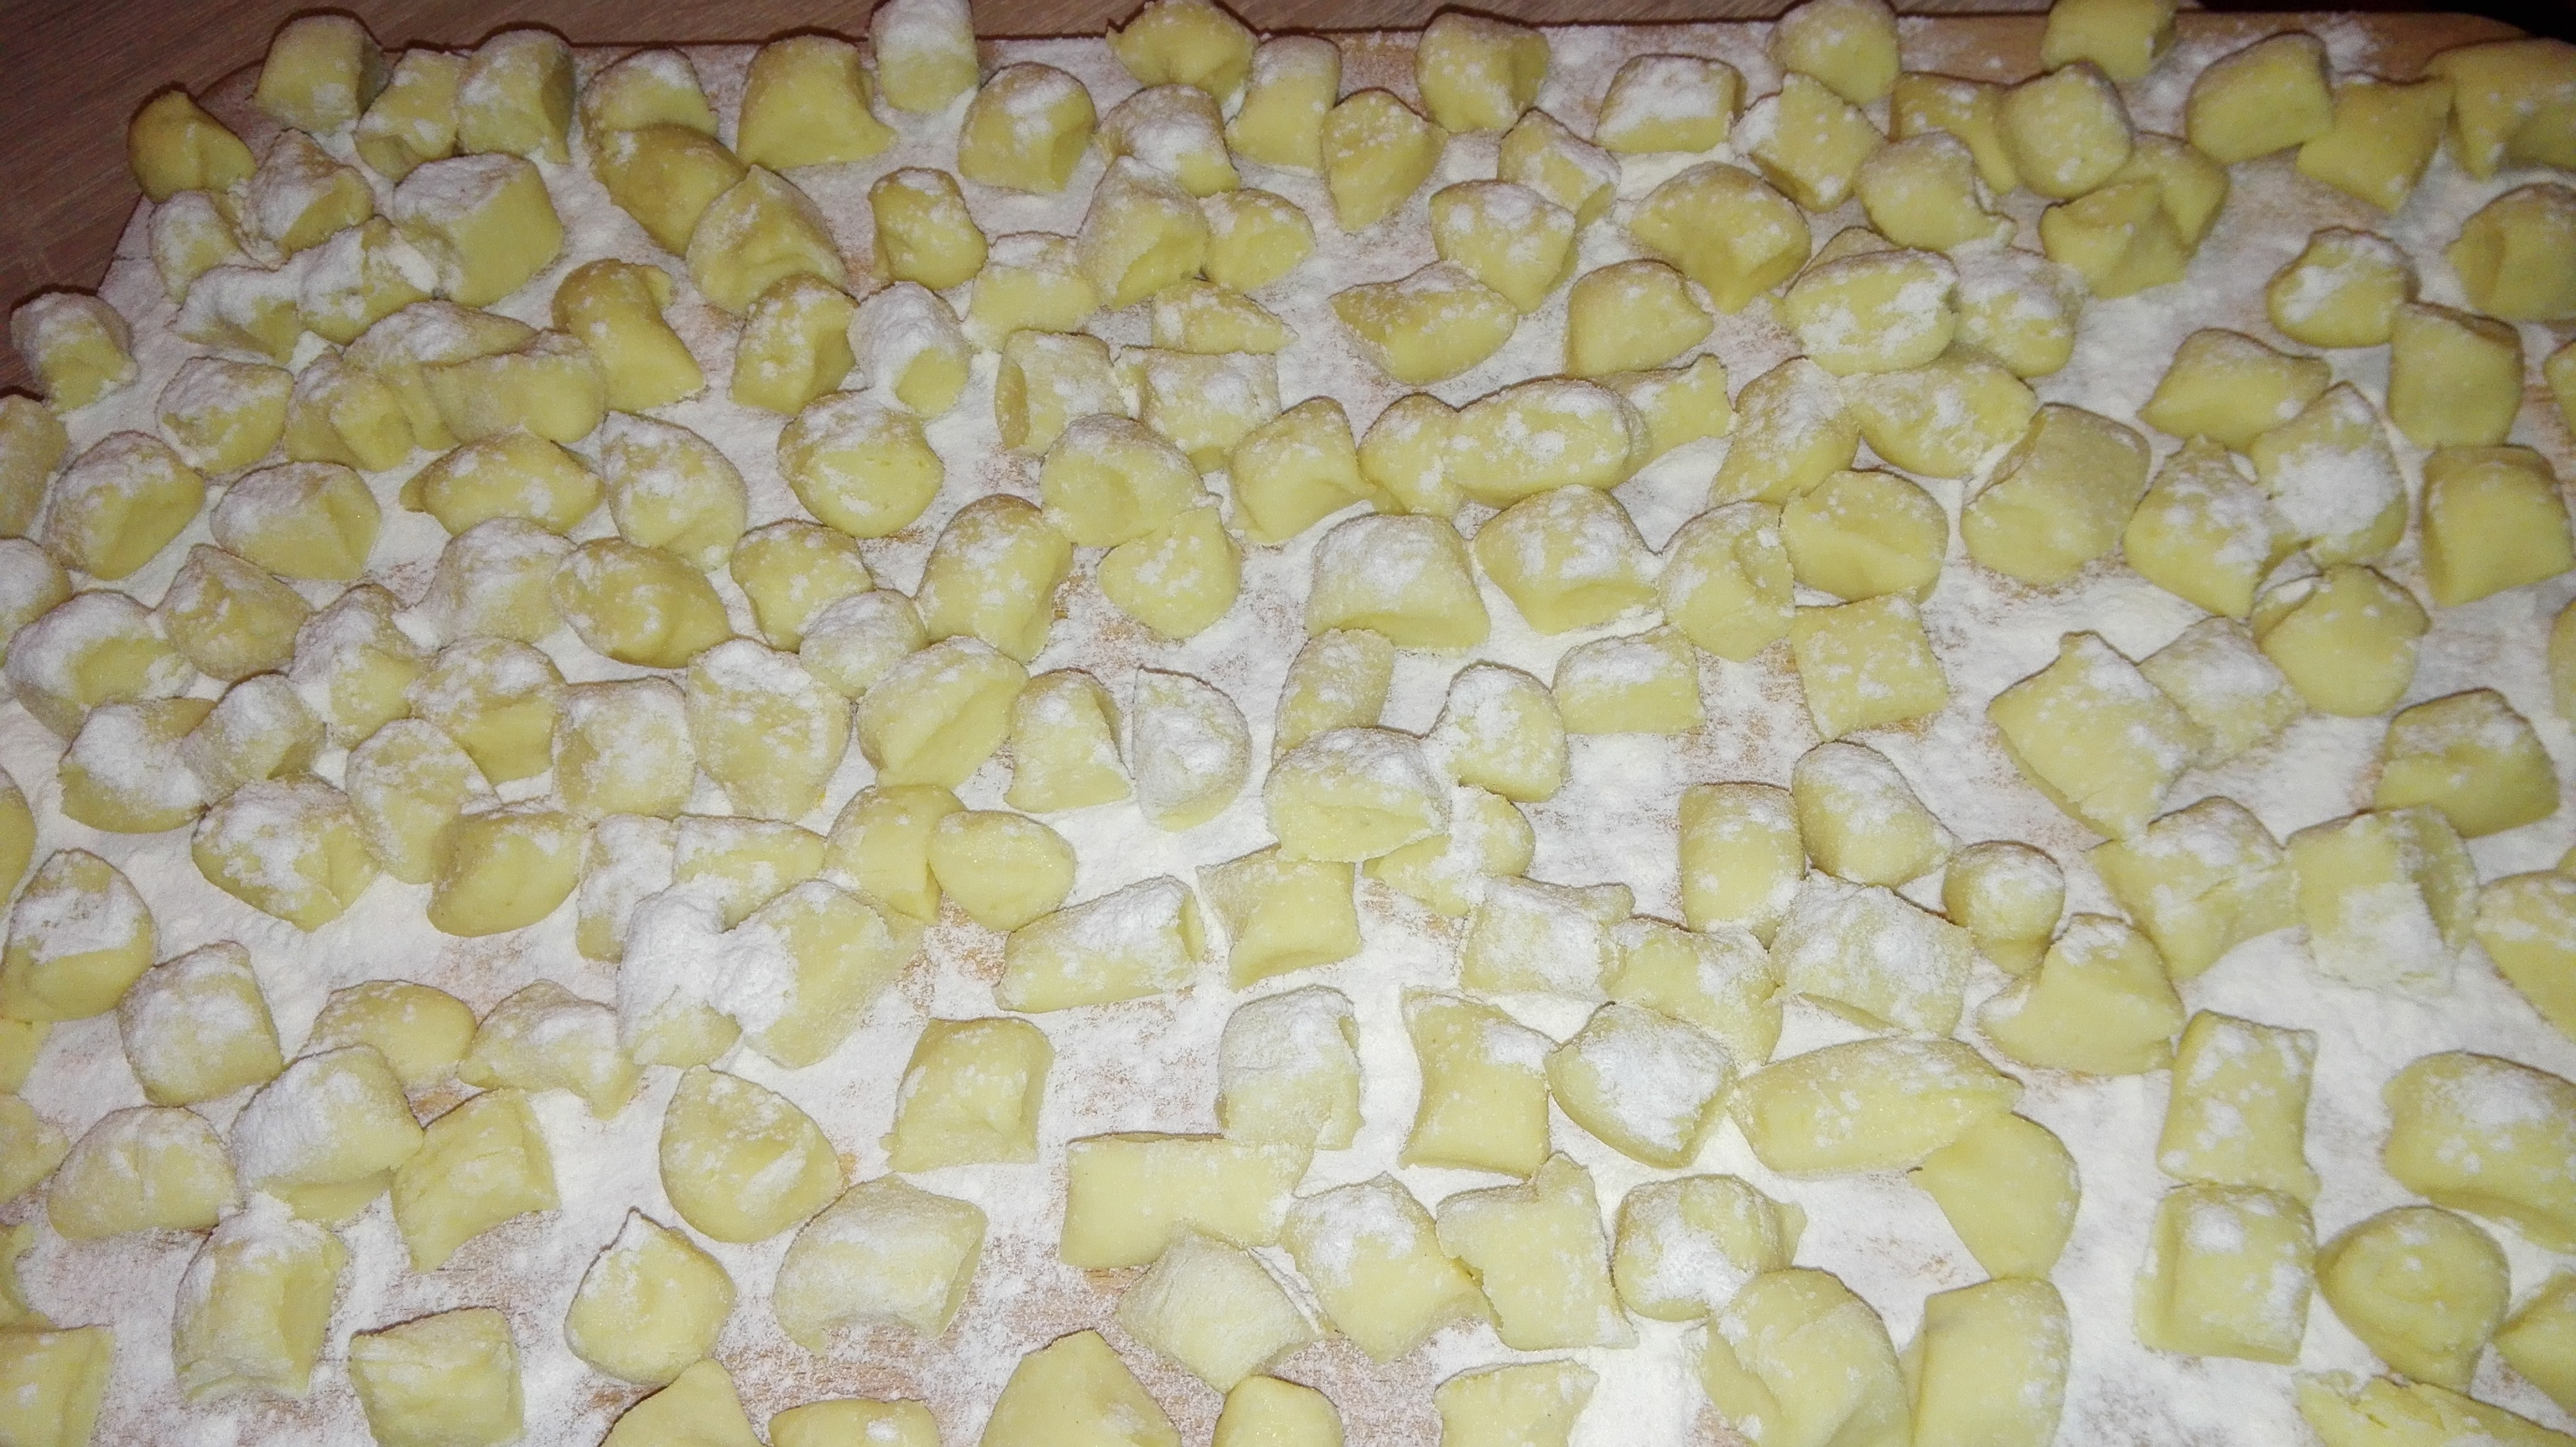 Ricerca ricette con gnocchi fatti in casa - Faretti in casa ...